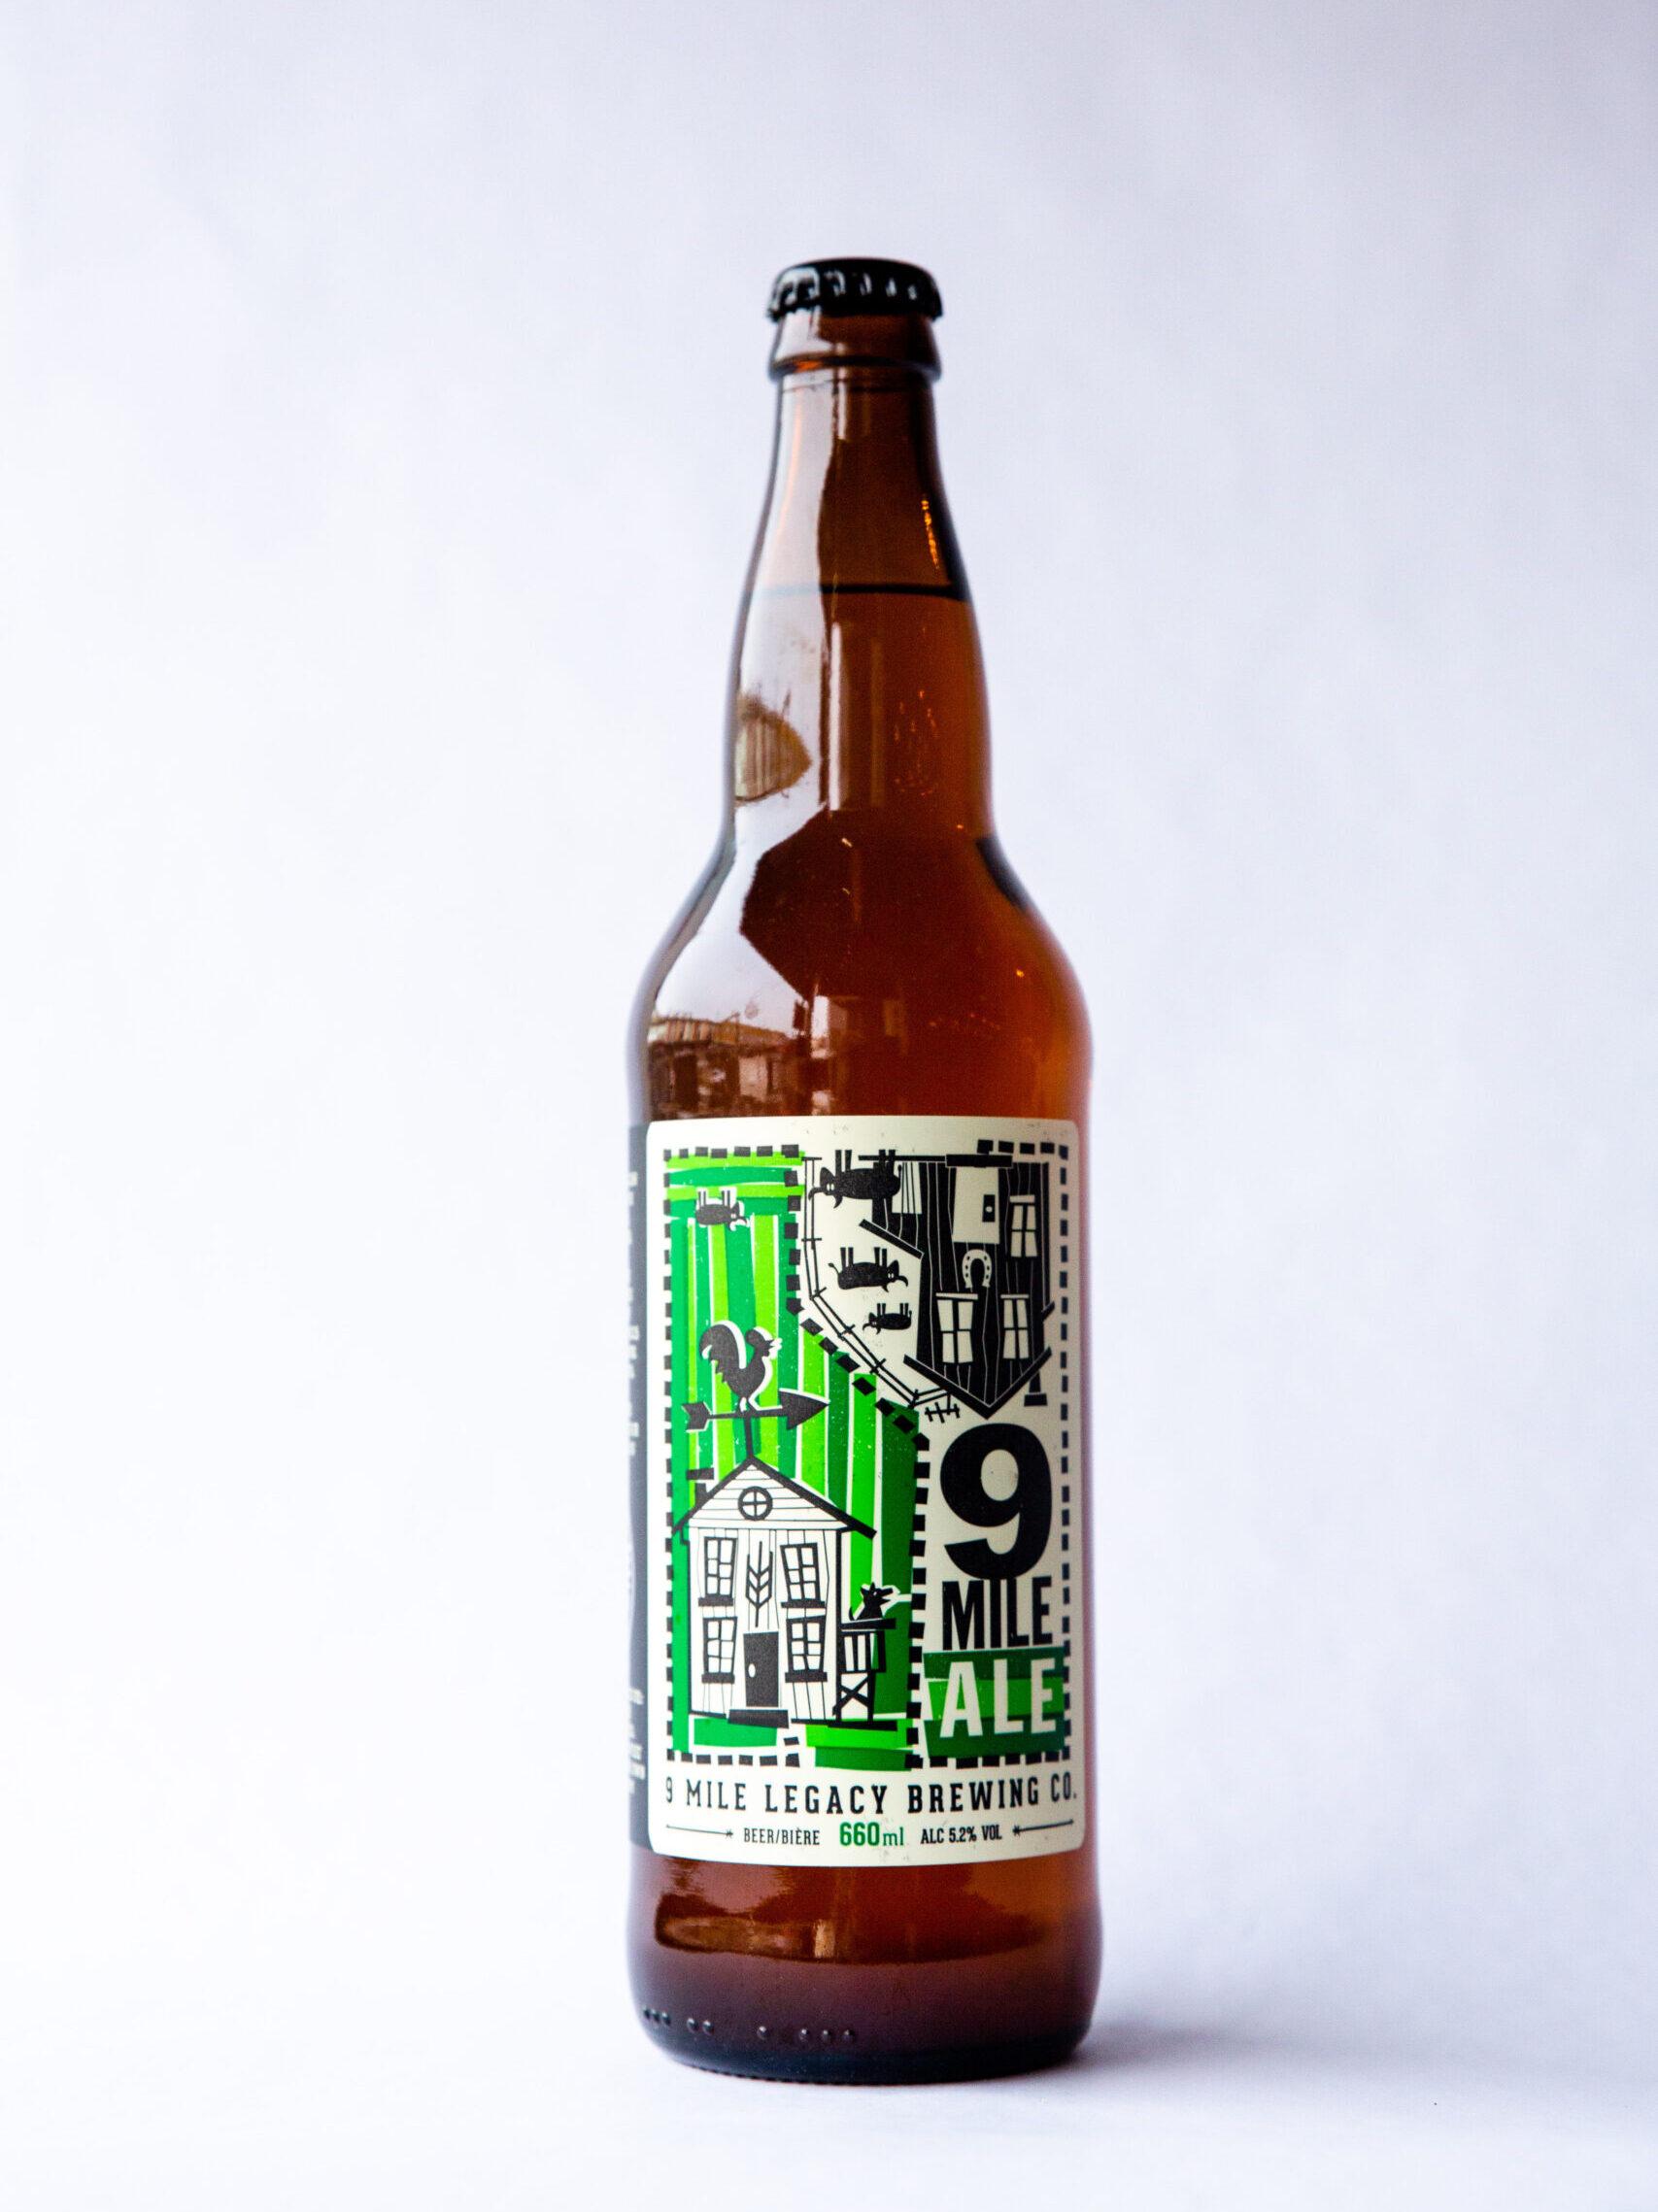 9 Mile Ale